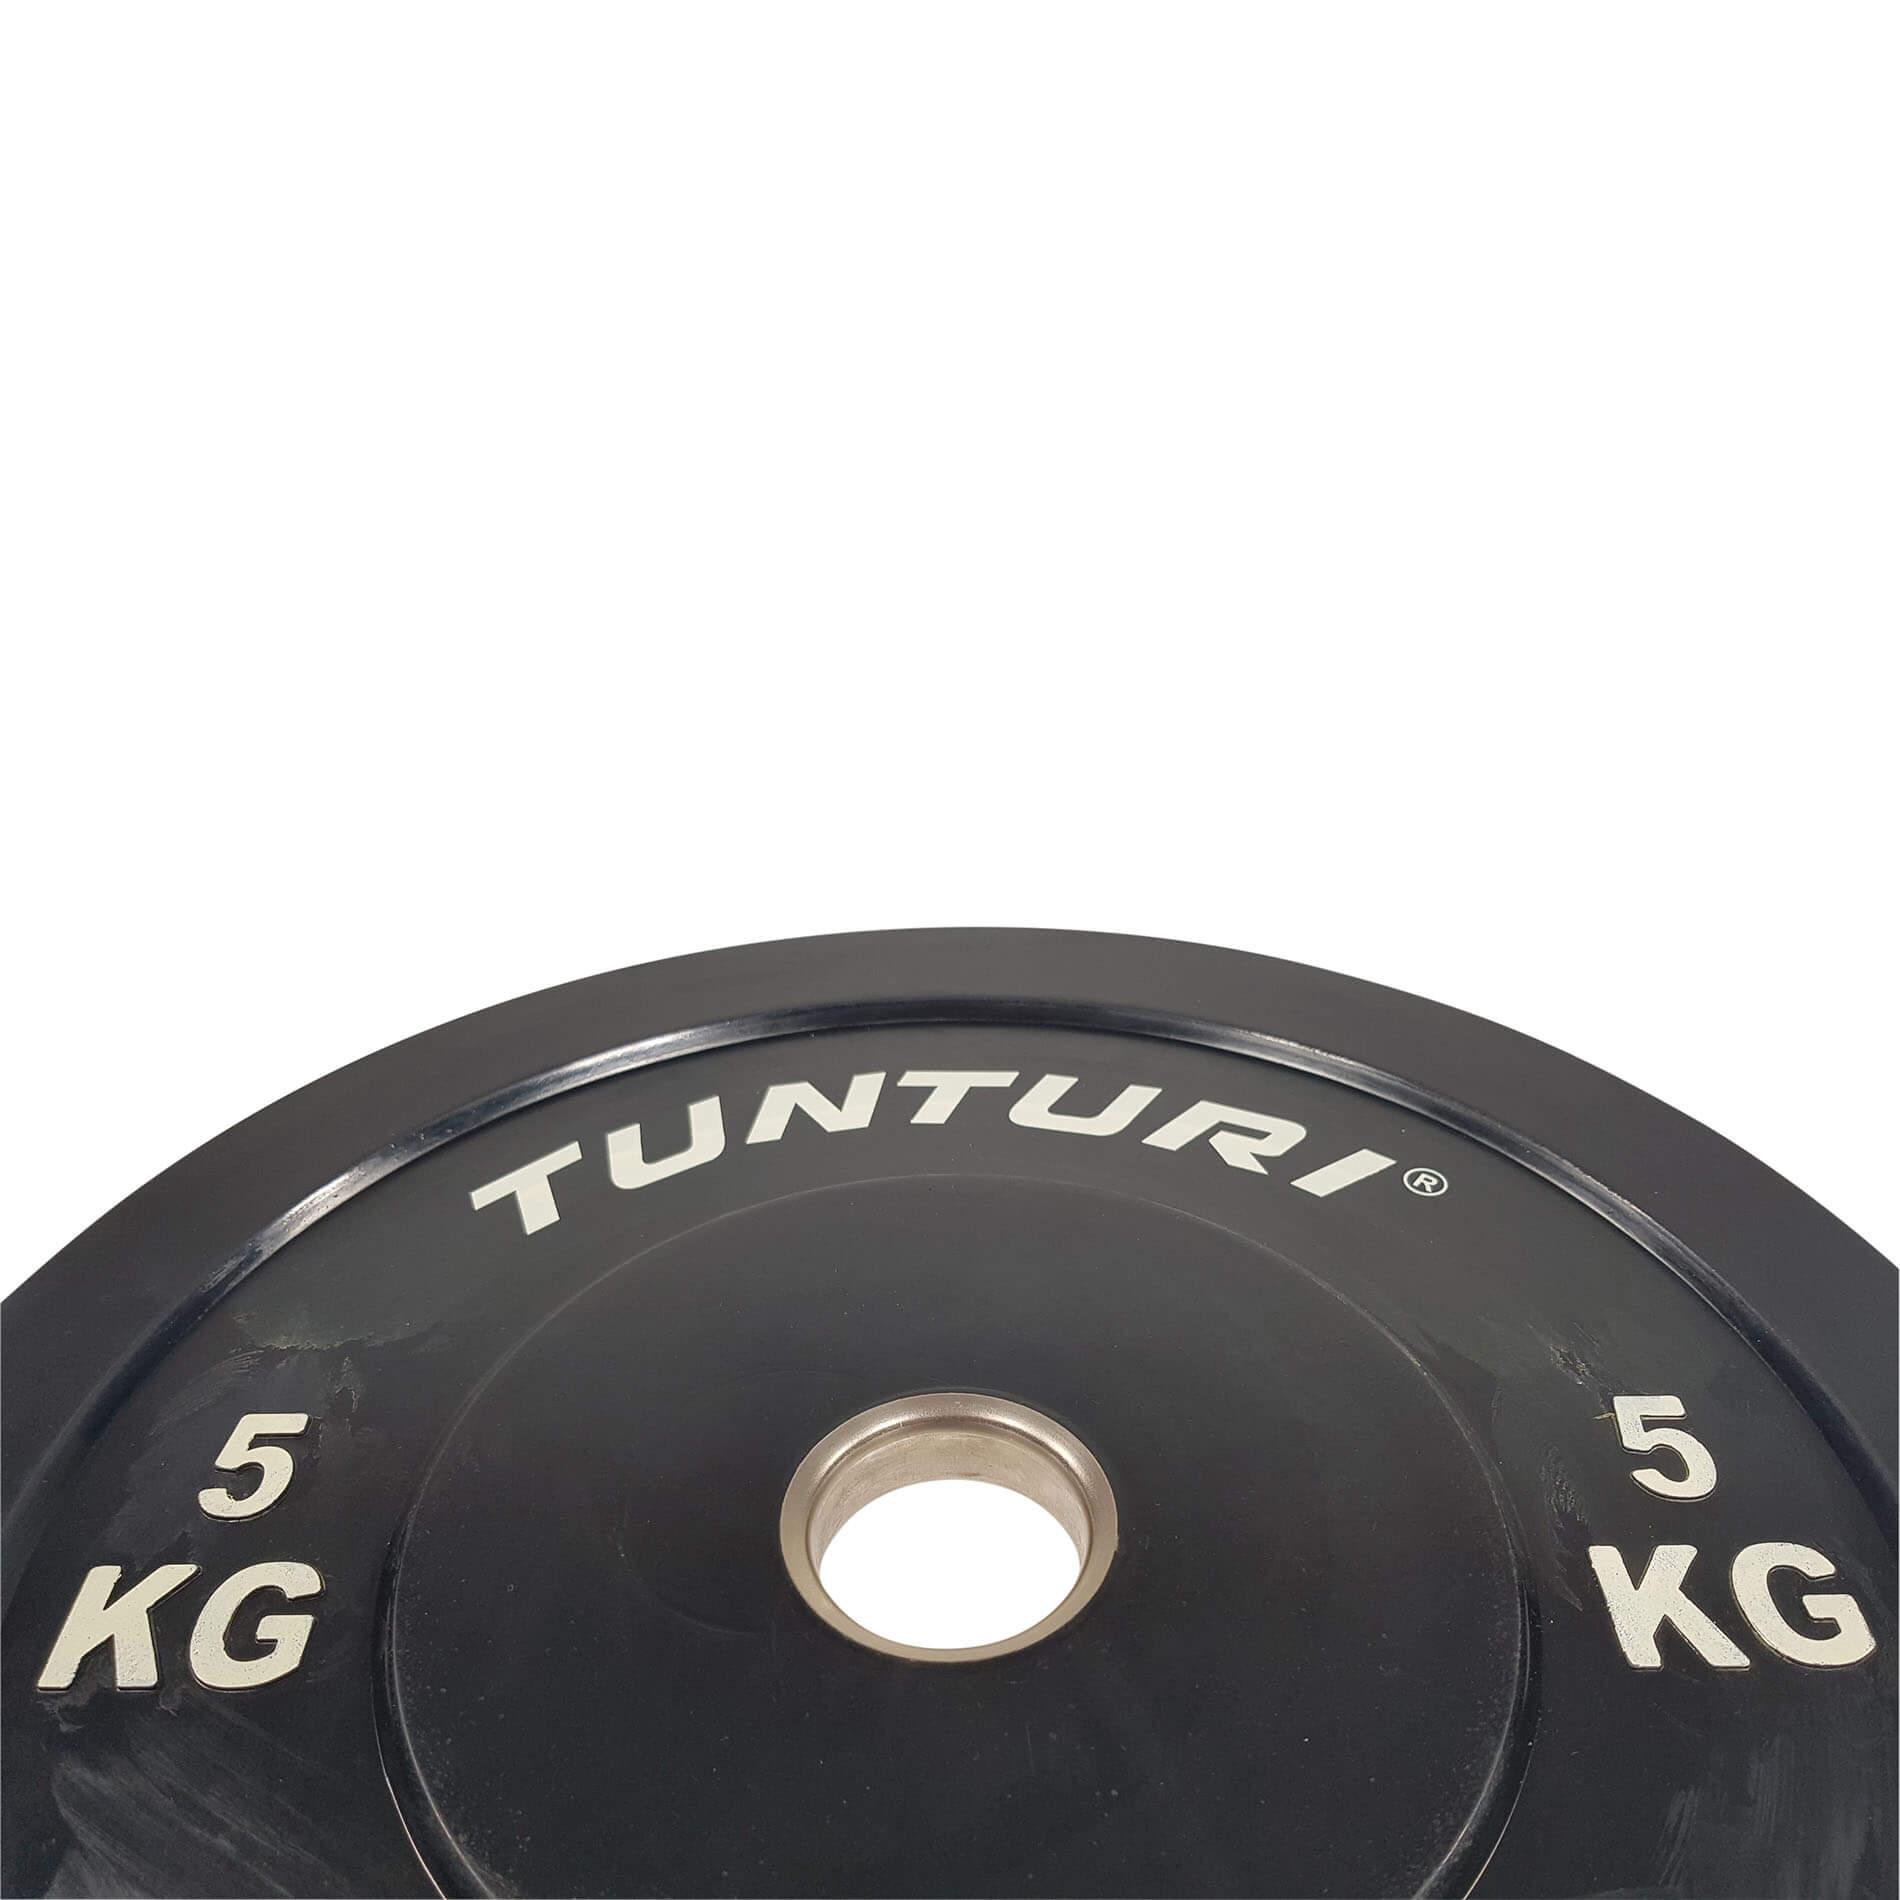 Bumper Plate